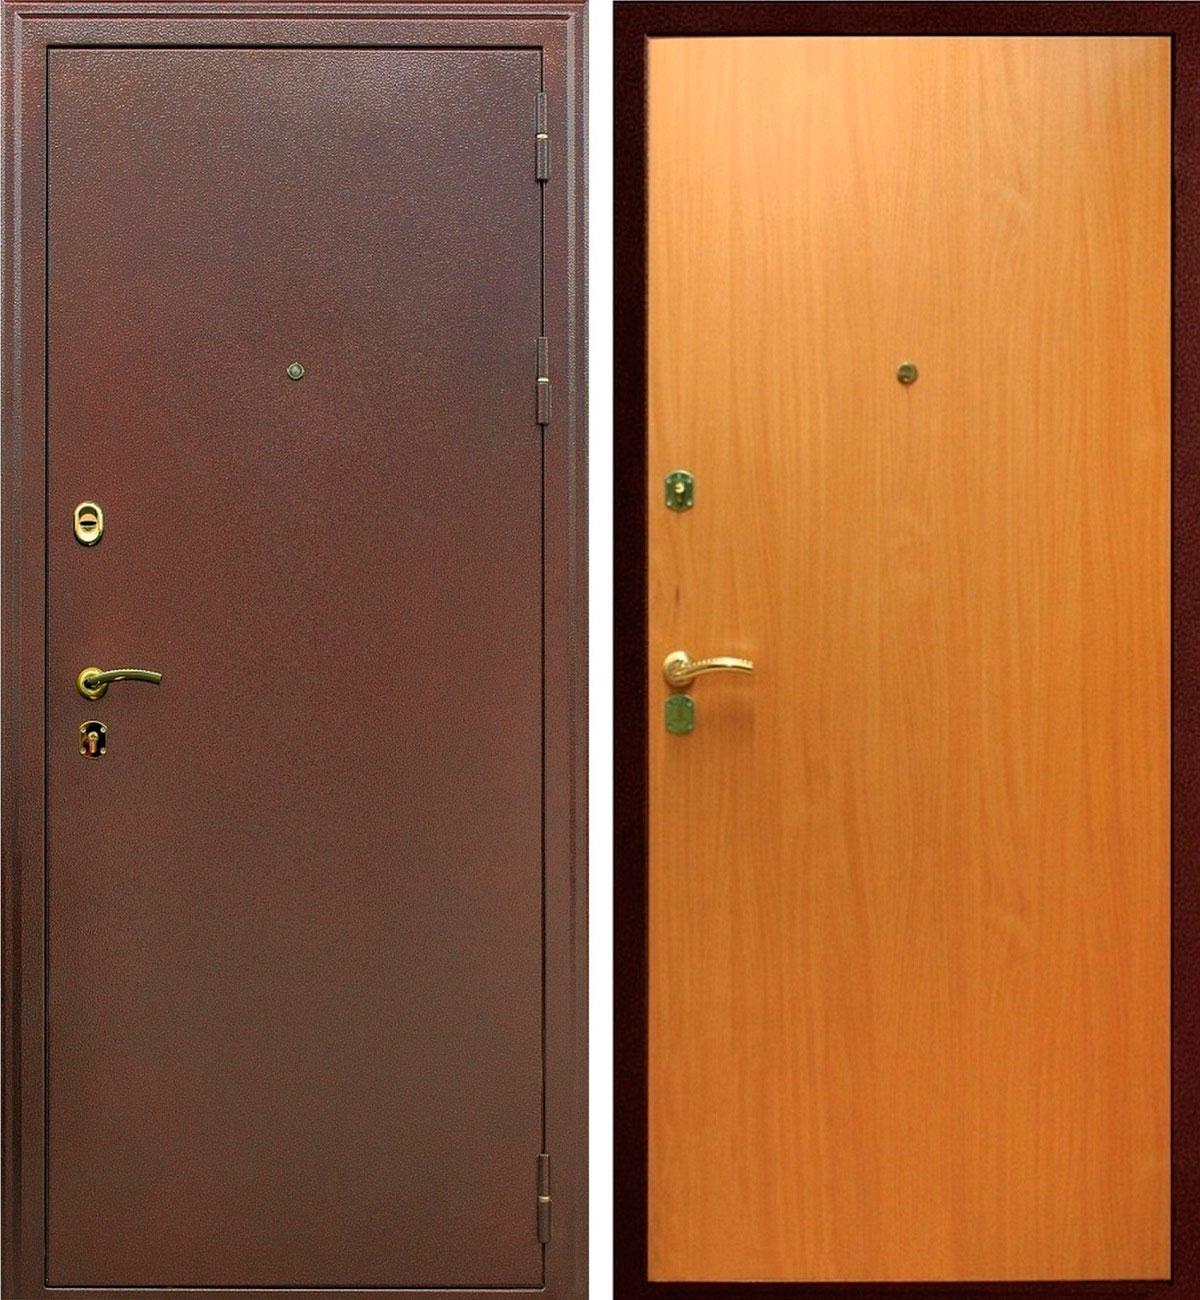 купить дверь входную от производителя до 7 тысяч рублей